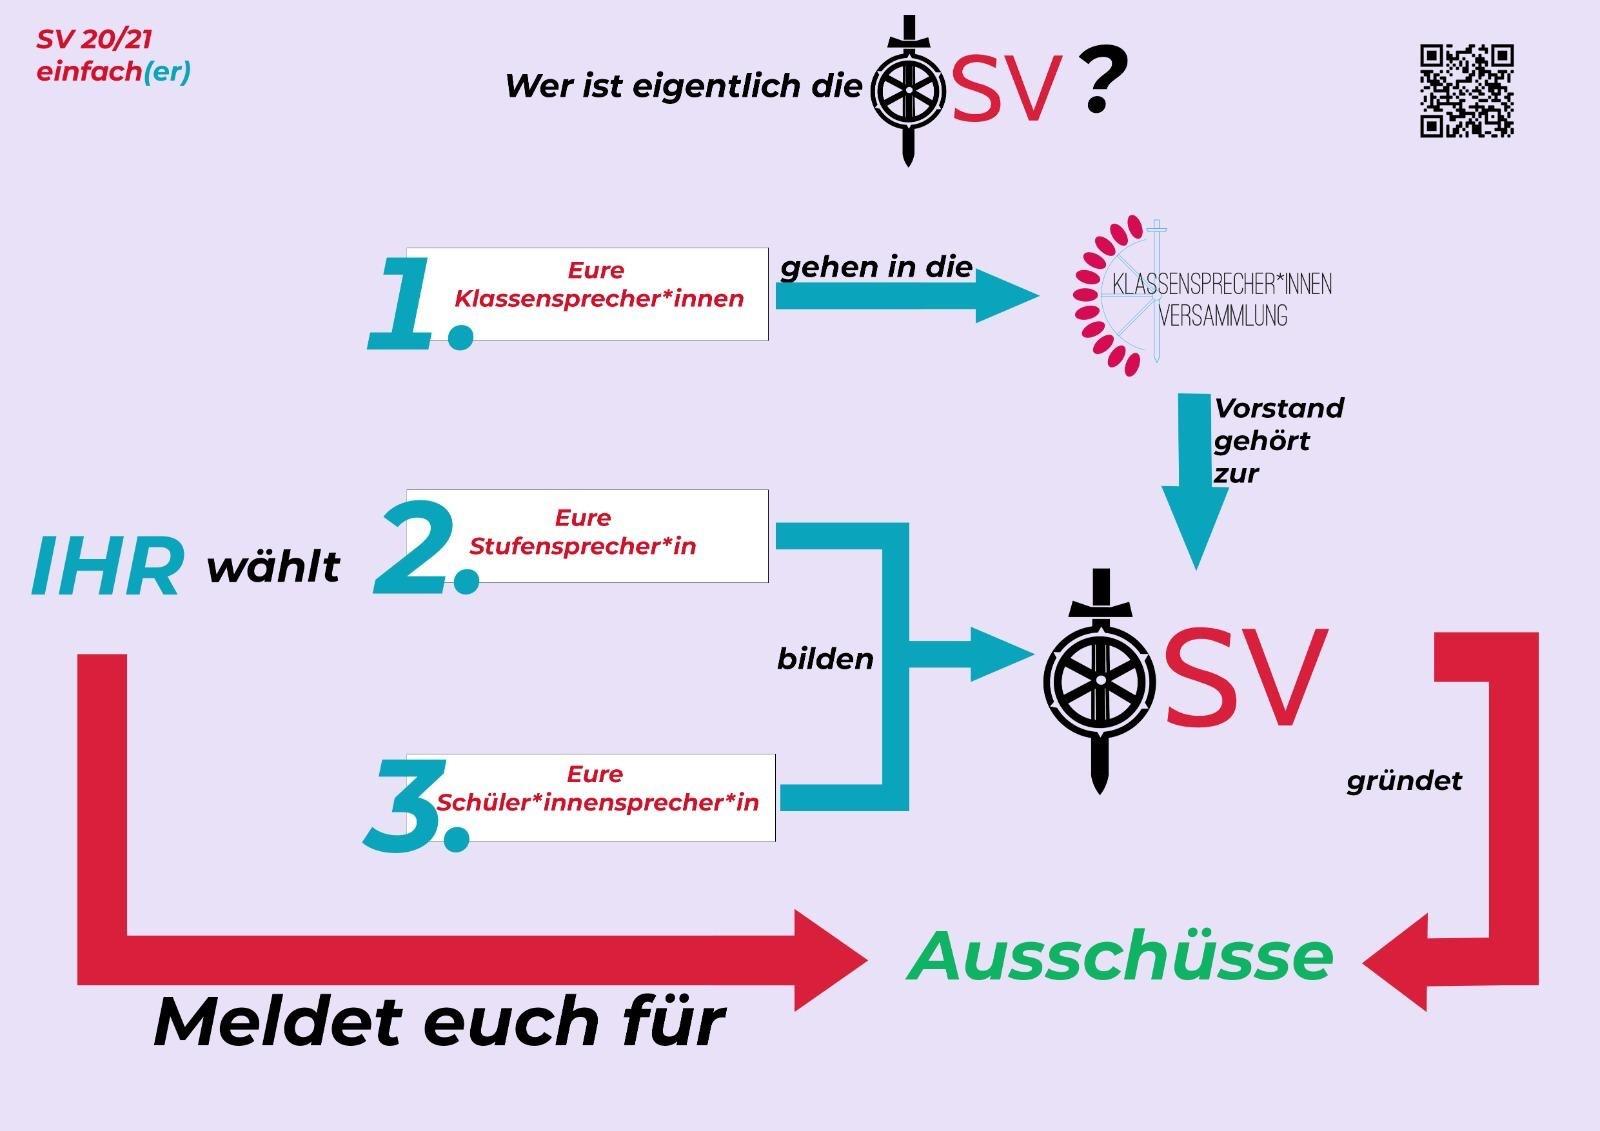 SV-Wahl 2020/21